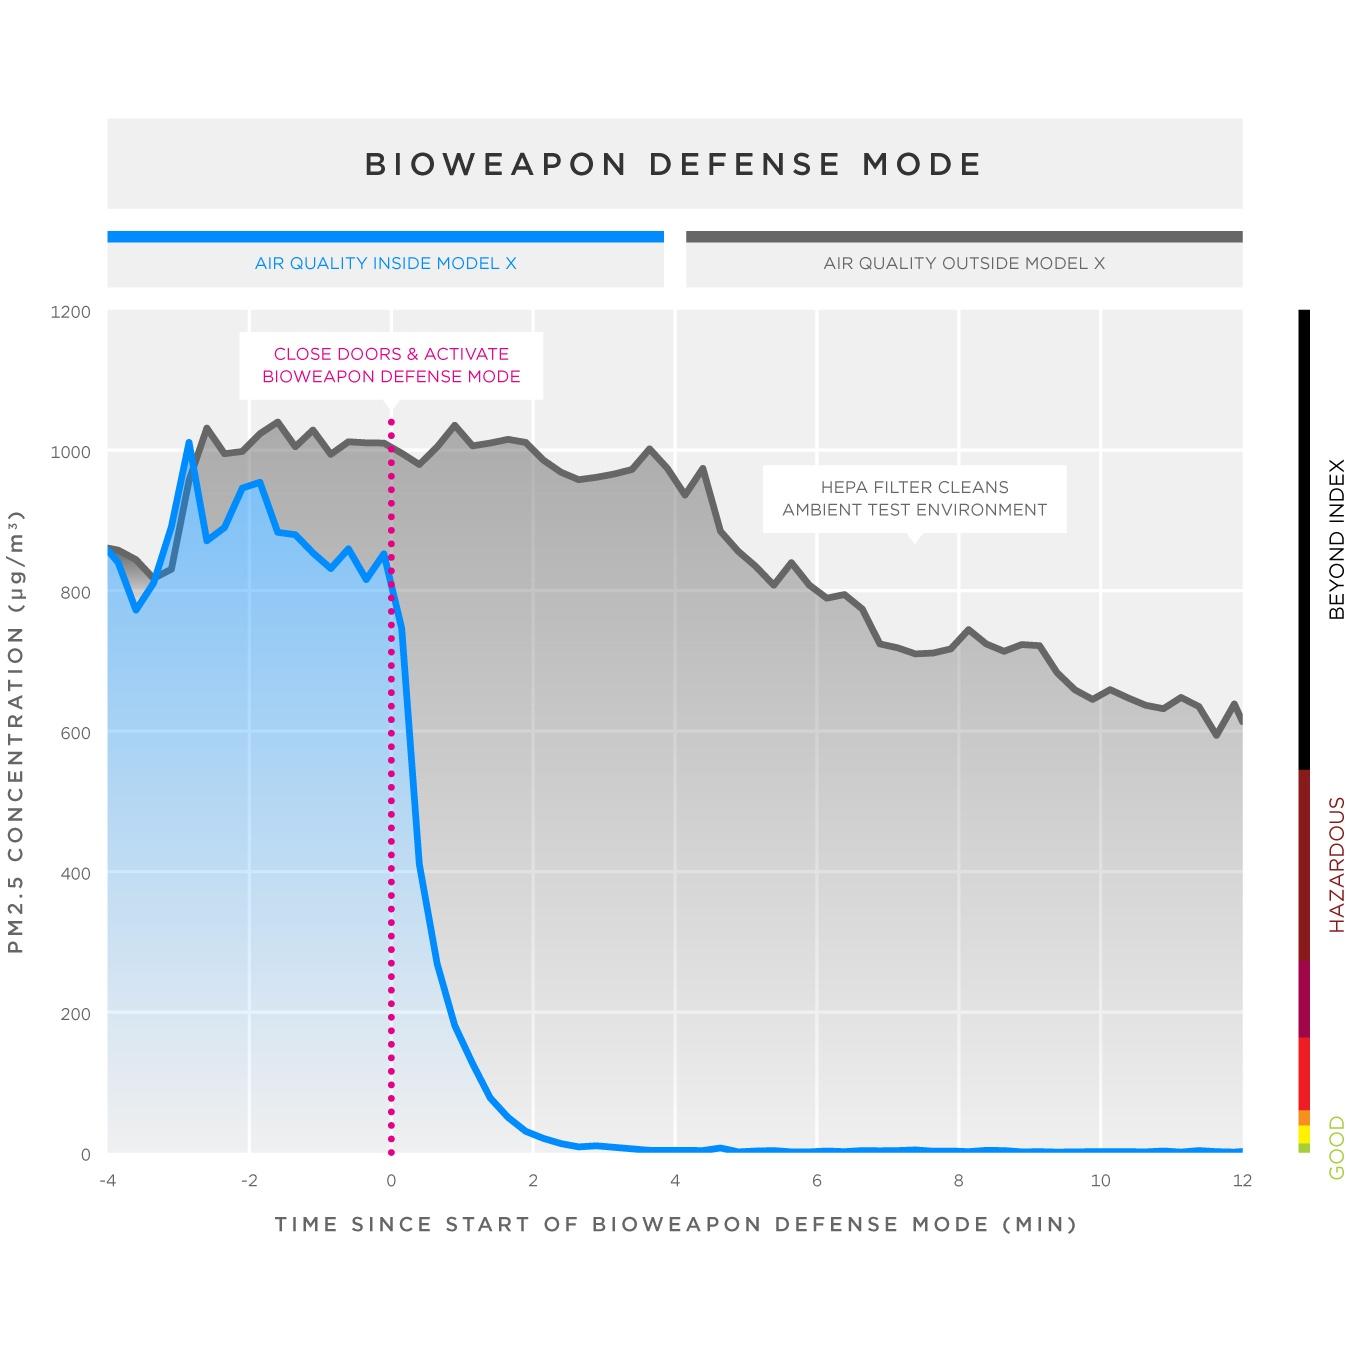 Новый фильтр способен спасти владельца Model X в случае применения биологического оружия - 2